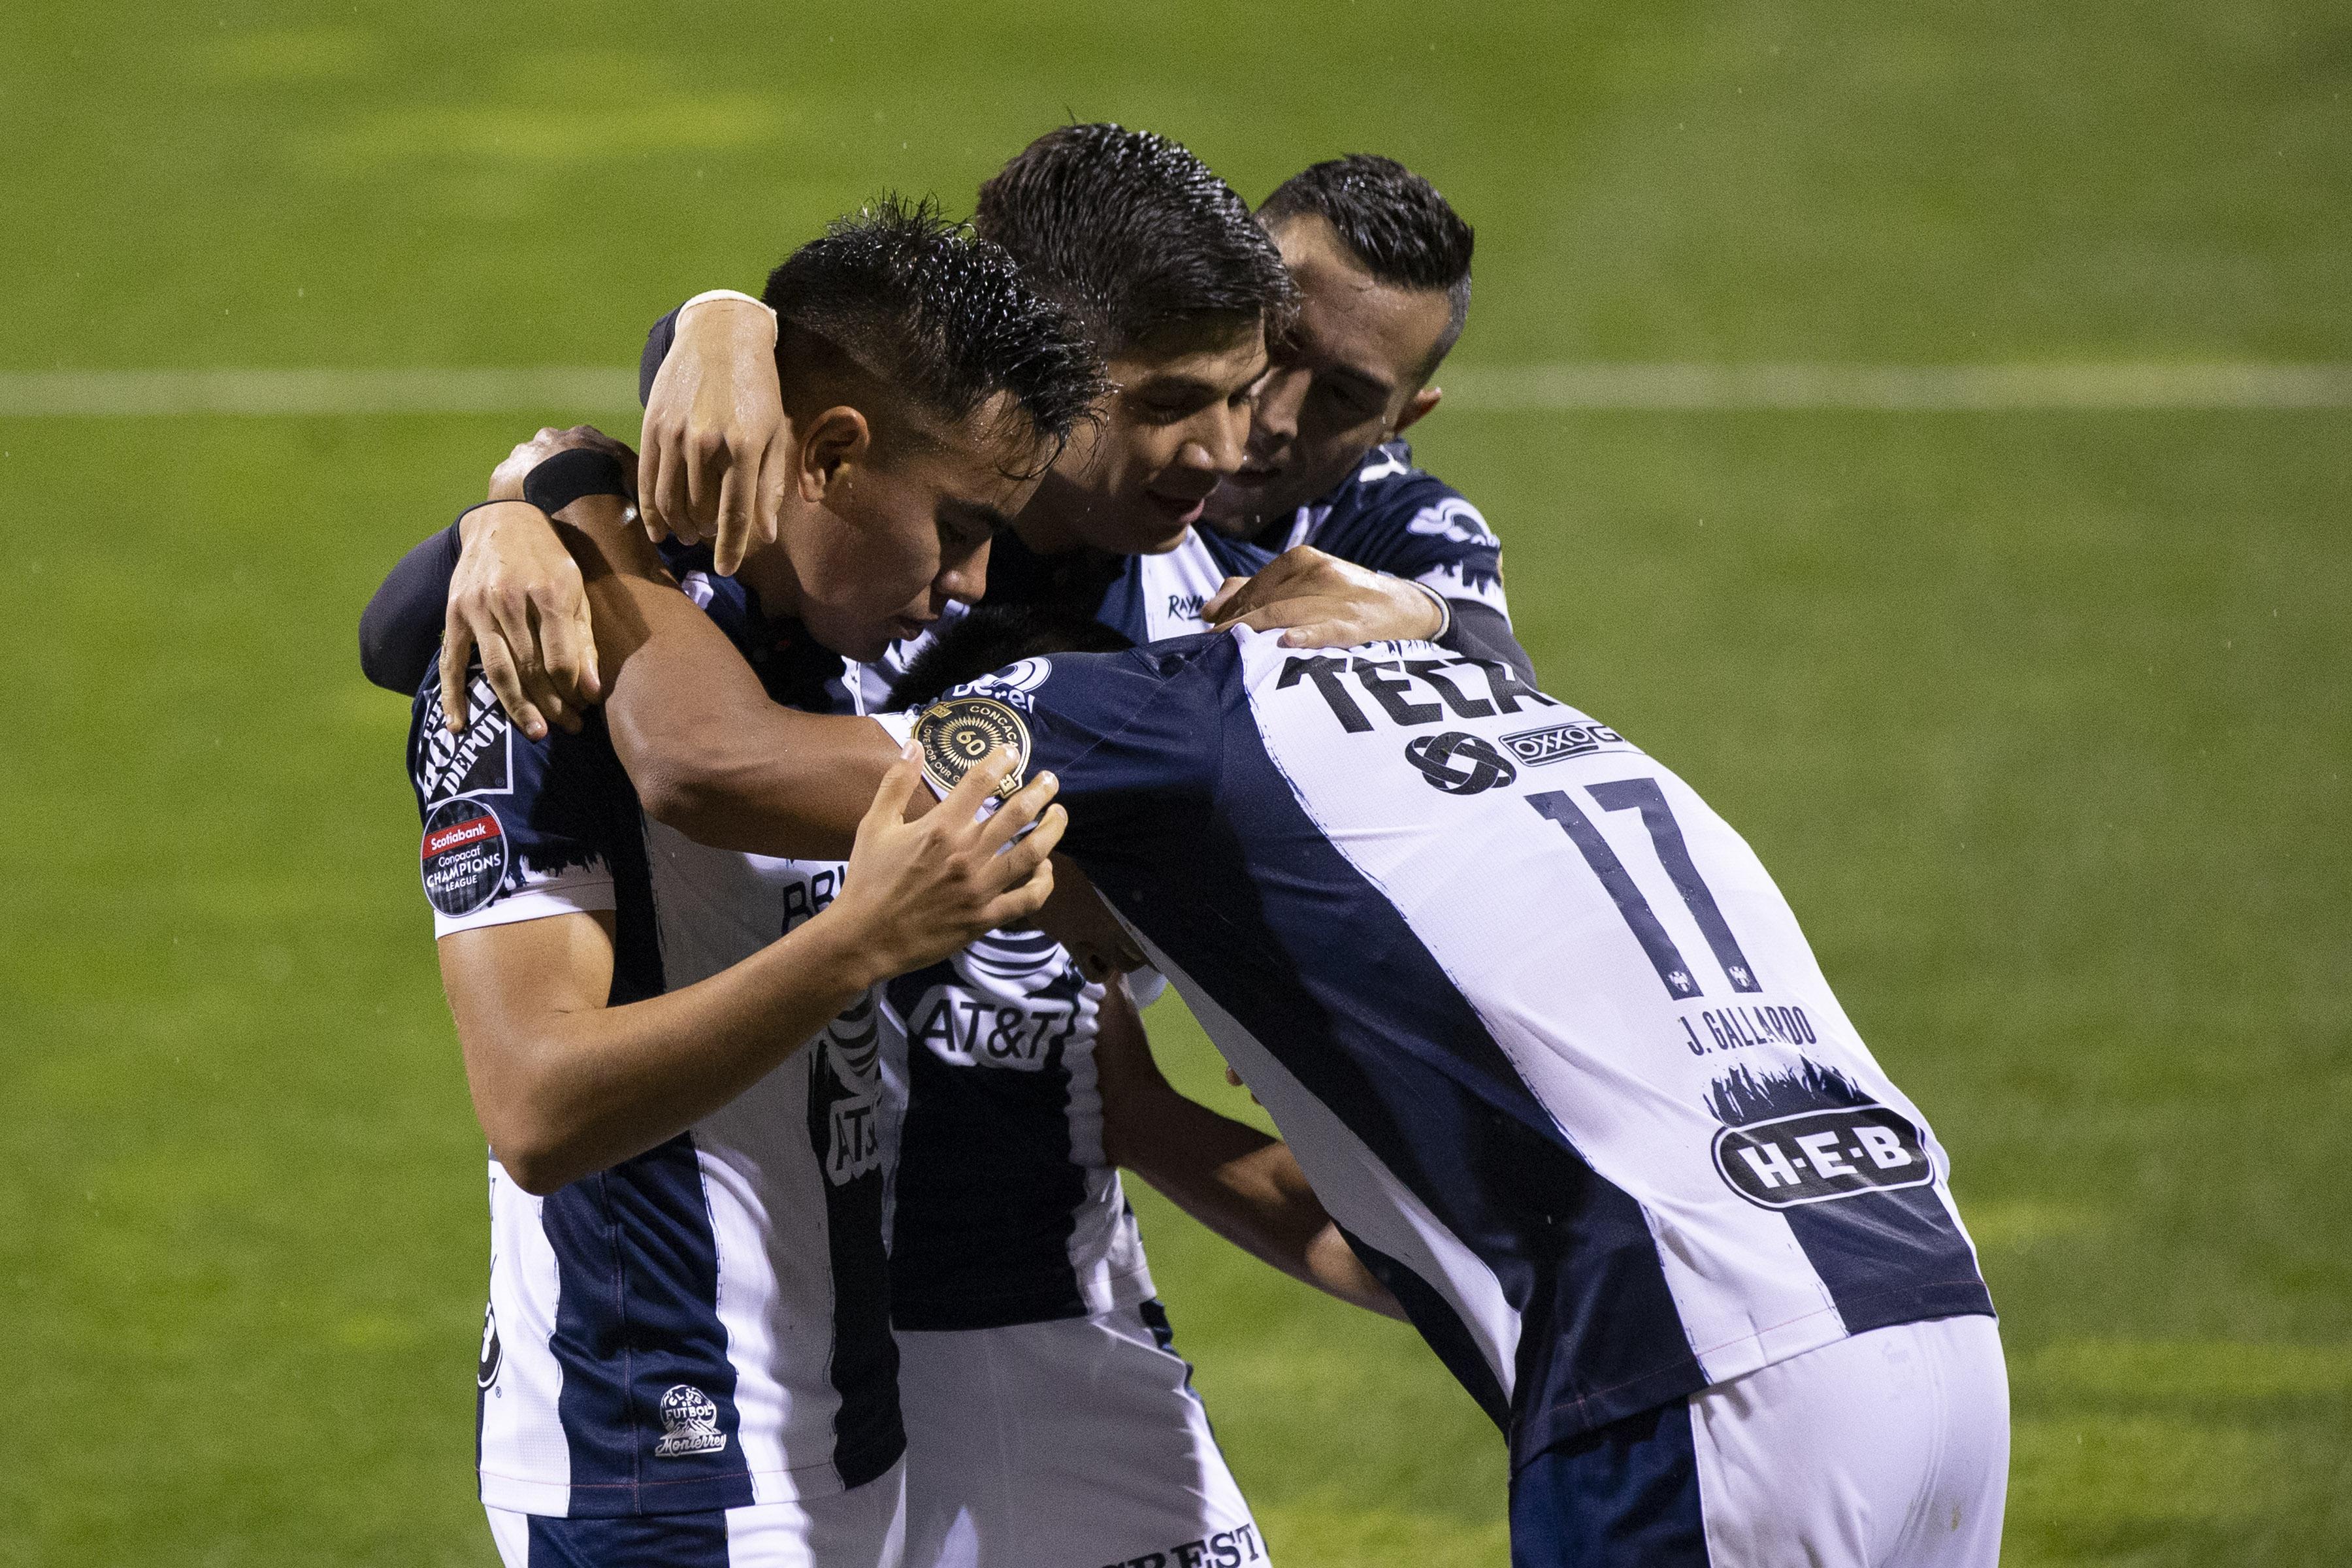 MLS: CONCACAF Champions League-Monterrey at Columbus Crew SC